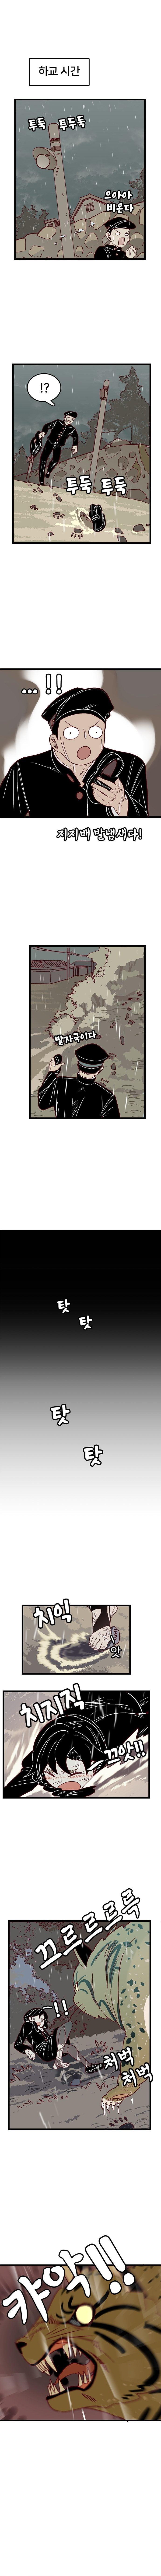 viewimage.php?id=2ebcc232eadd36&no=24b0d769e1d32ca73fec83fa11d02831682d835f2980fd236d5e1d9c2918dabd1e0e35fe25dba4770fd4ddbe2008bf7351052ae3976dfb6390c8bb2443f1065ba00f